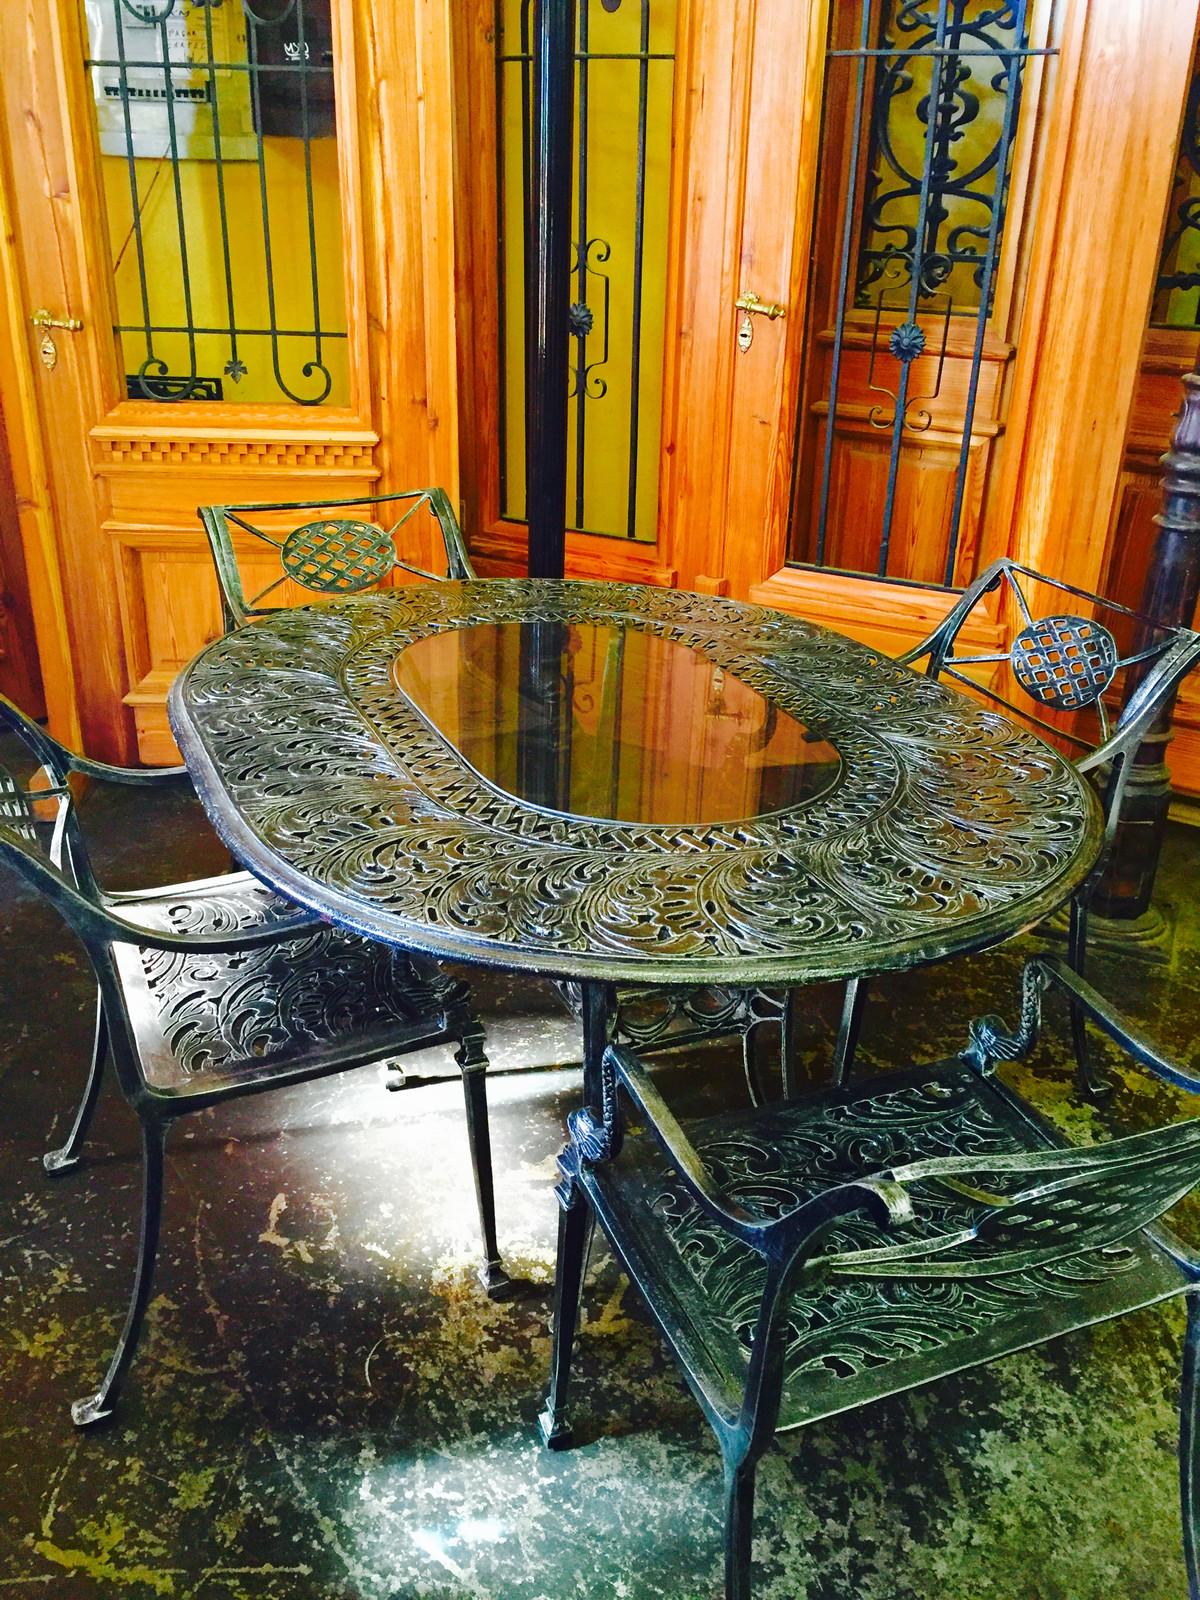 Juegos De Jardin Muebles De Exterior Decoracion Jardin # Mundo Mueble Jaguel